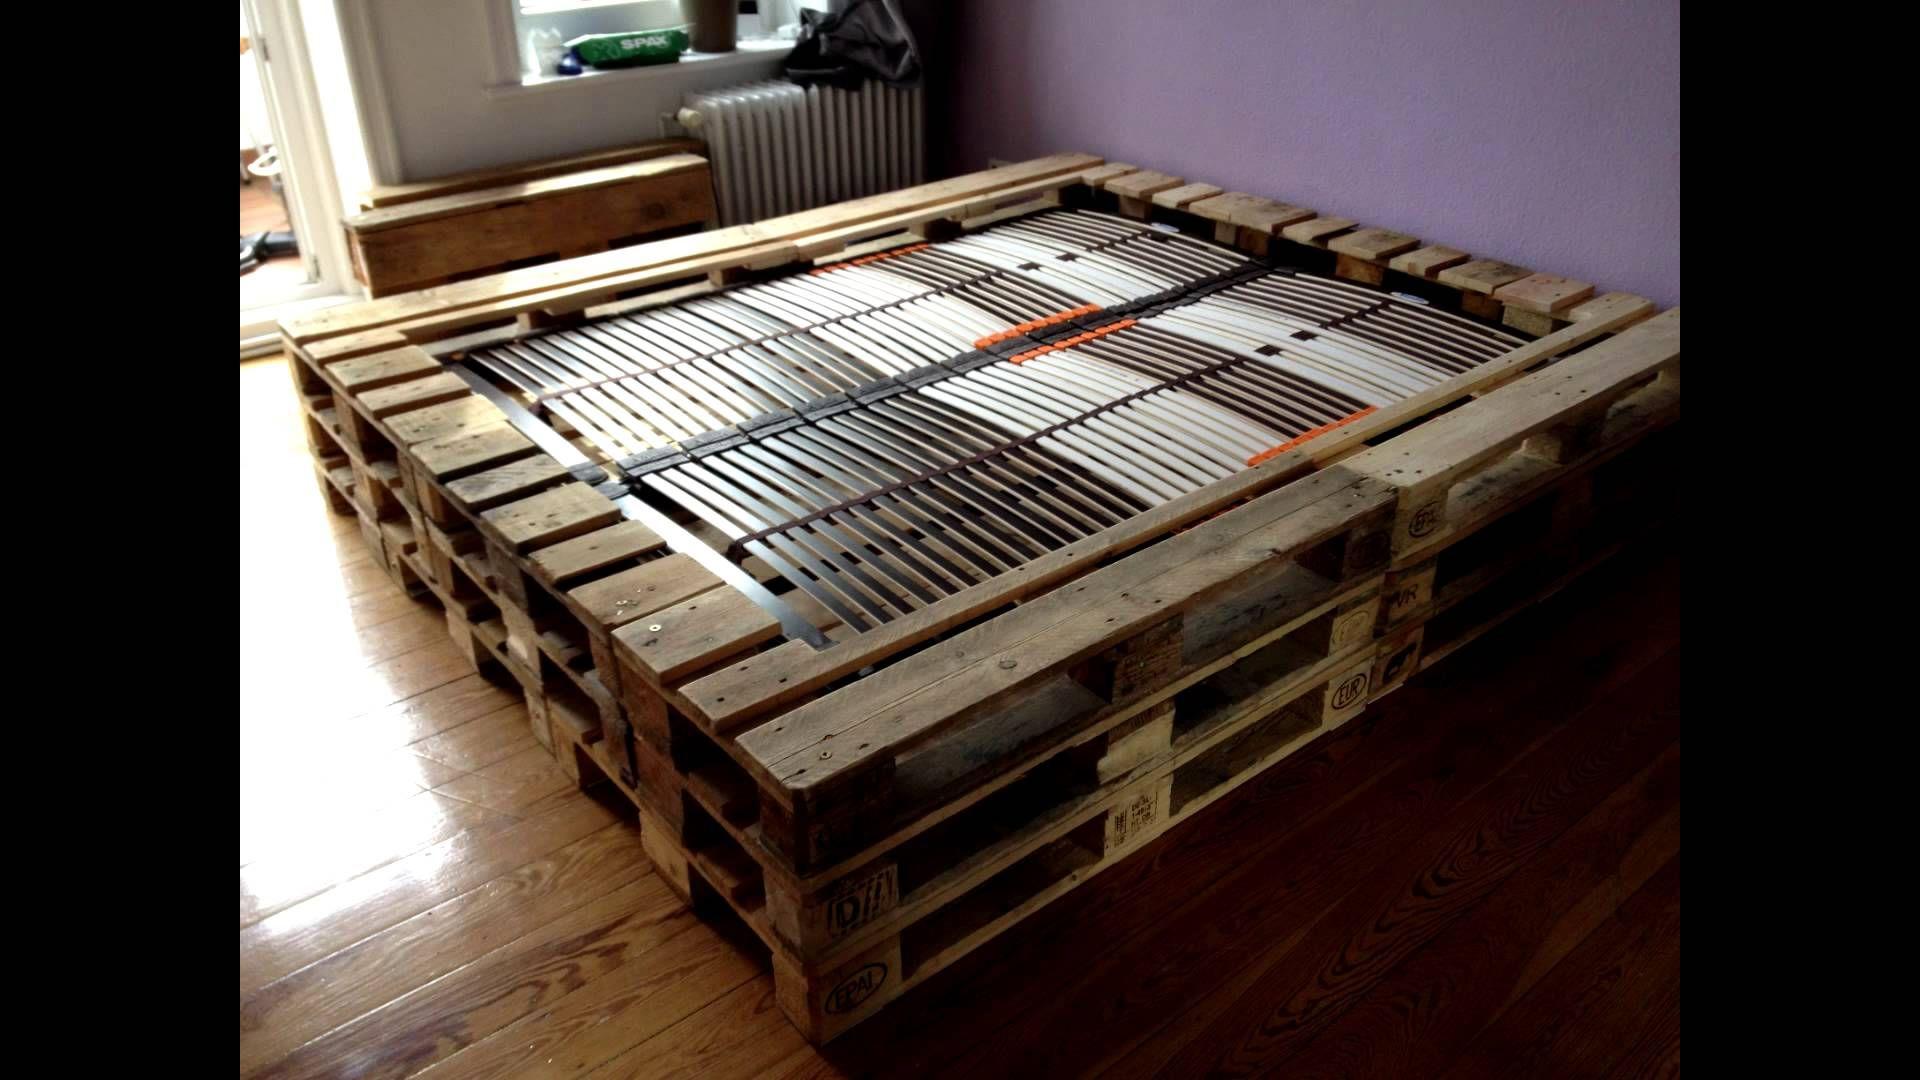 Full Size of Doppelbett Aus Europaletten Bett Paletten Hoch Eiche Massiv 180x200 Tojo V 1 40 Betten überlänge Komplett Mit Lattenrost Und Matratze 140x220 Somnus Ebay Wohnzimmer Bett Paletten